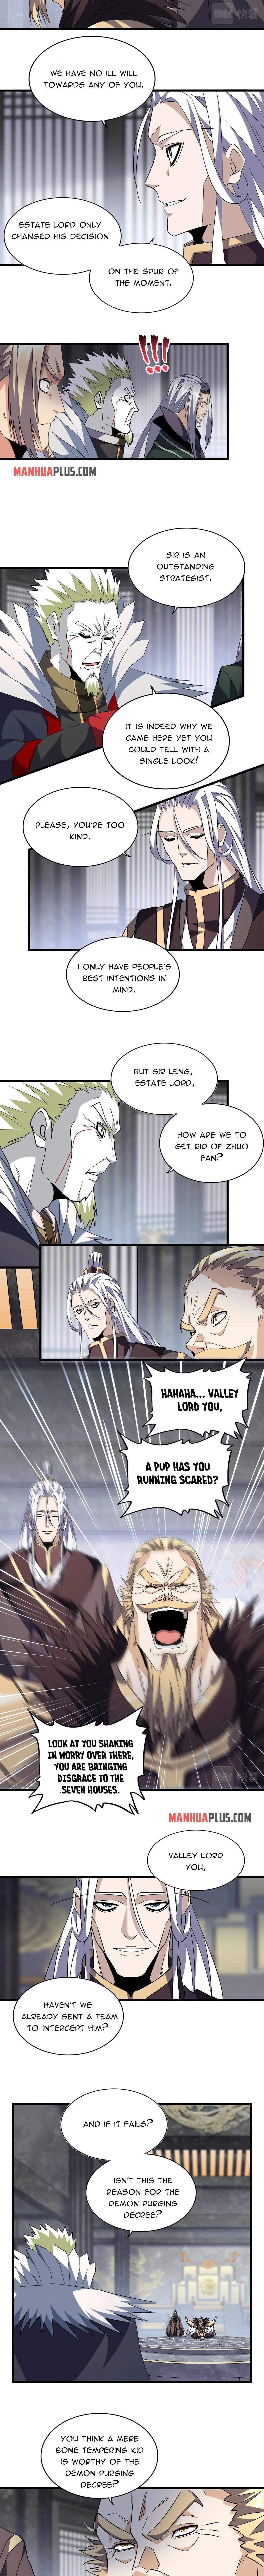 Magic Emperor Chapter 220 page 5 - Mangakakalot